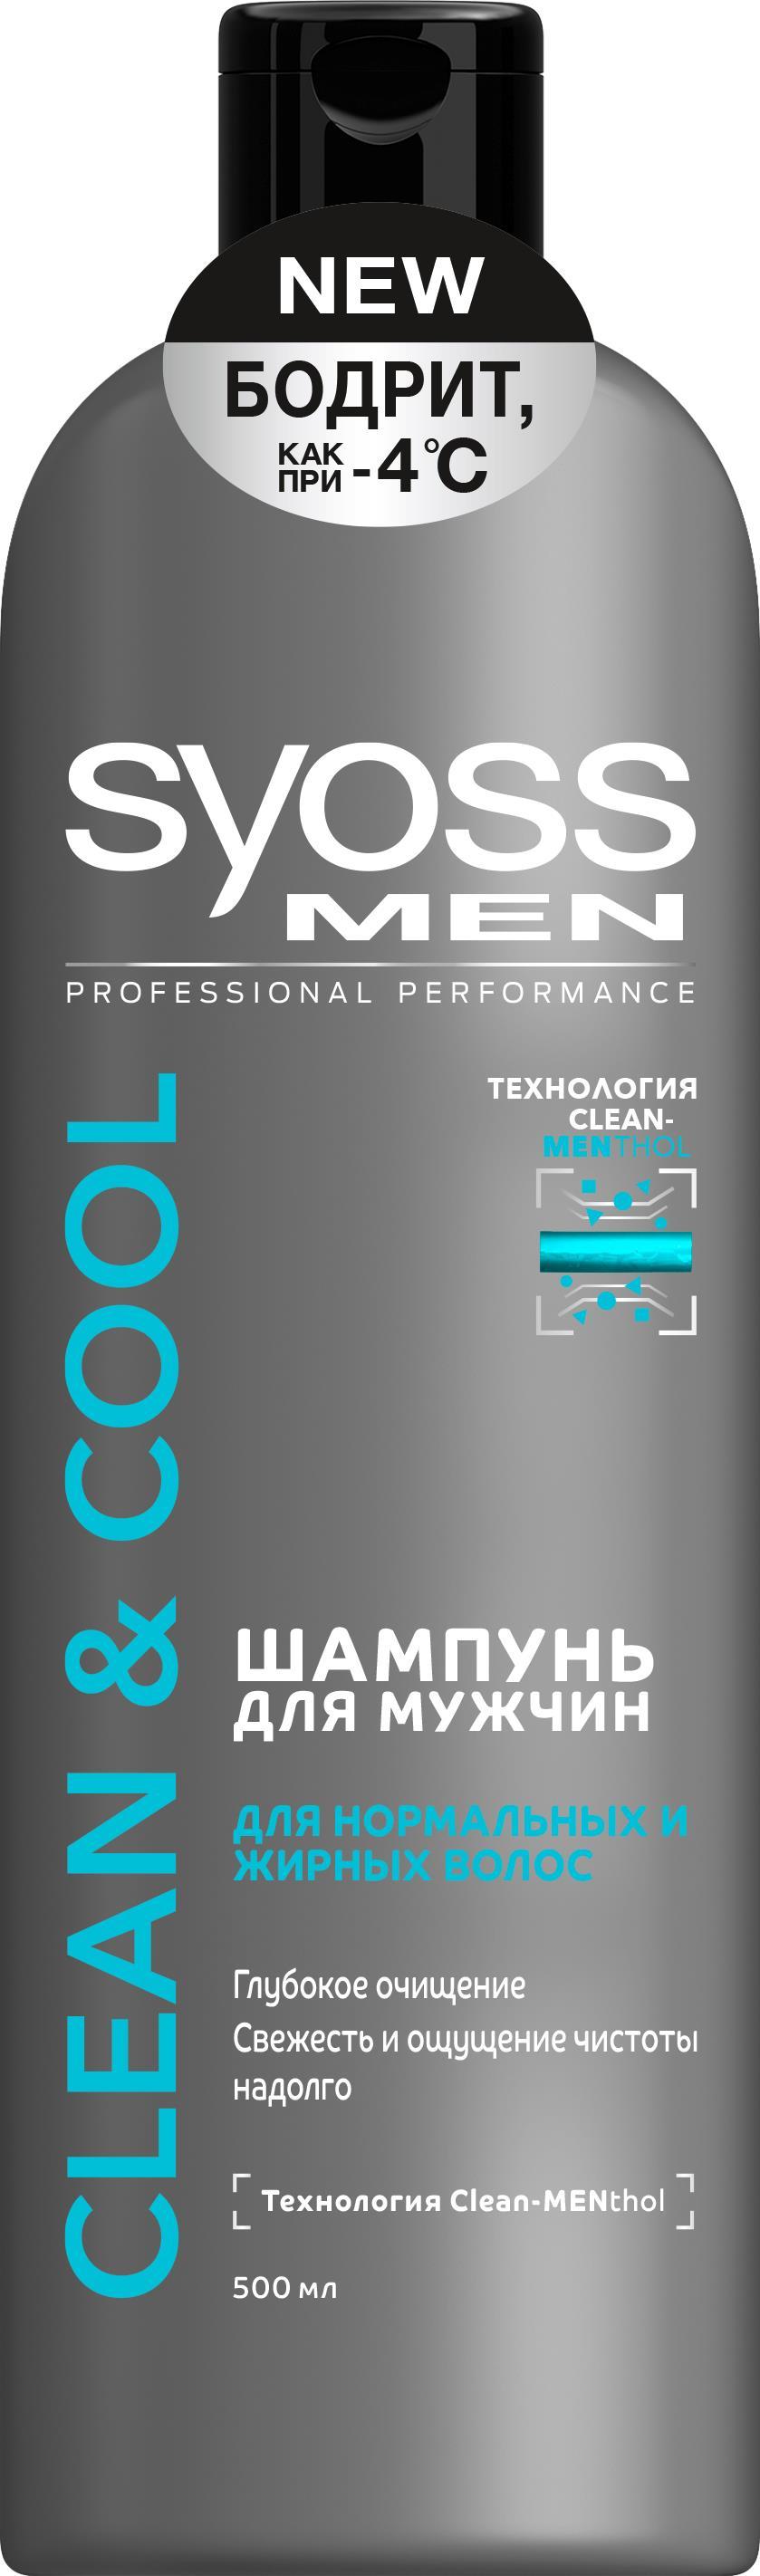 Syoss Шампунь Clean&Cool мужской, 500 мл цена